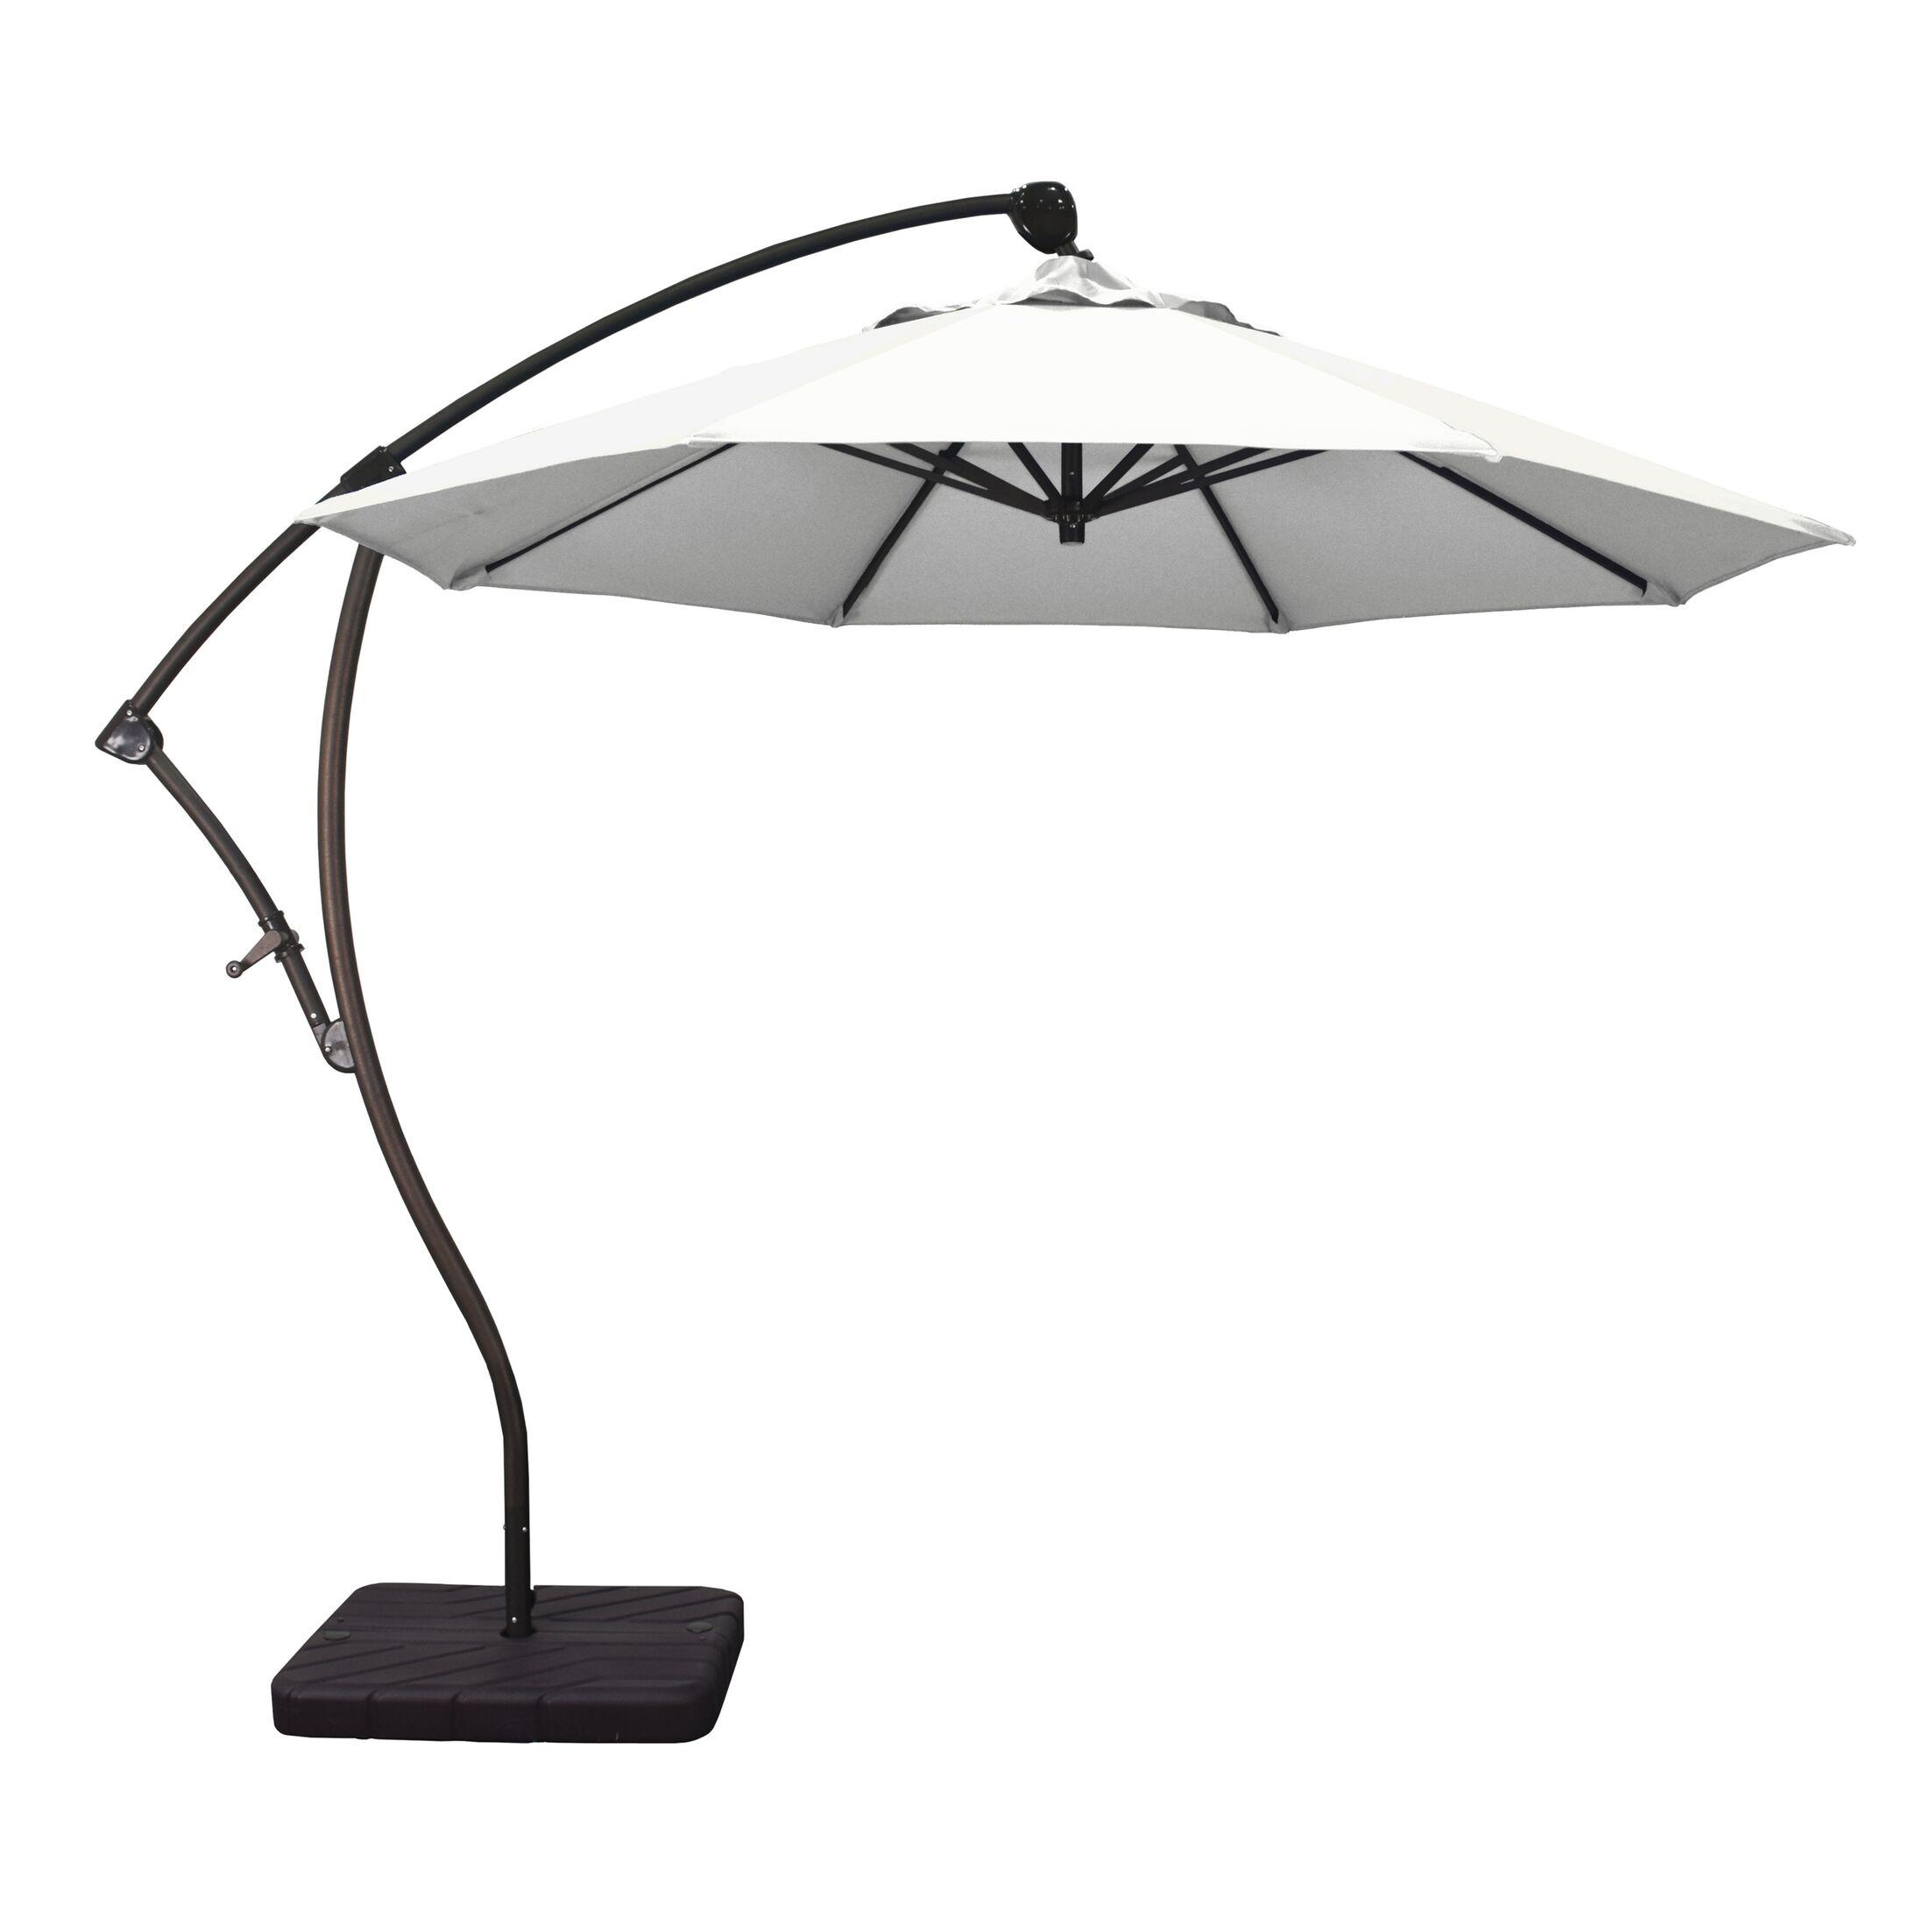 9' Cantilever Umbrella Fabric: Natural